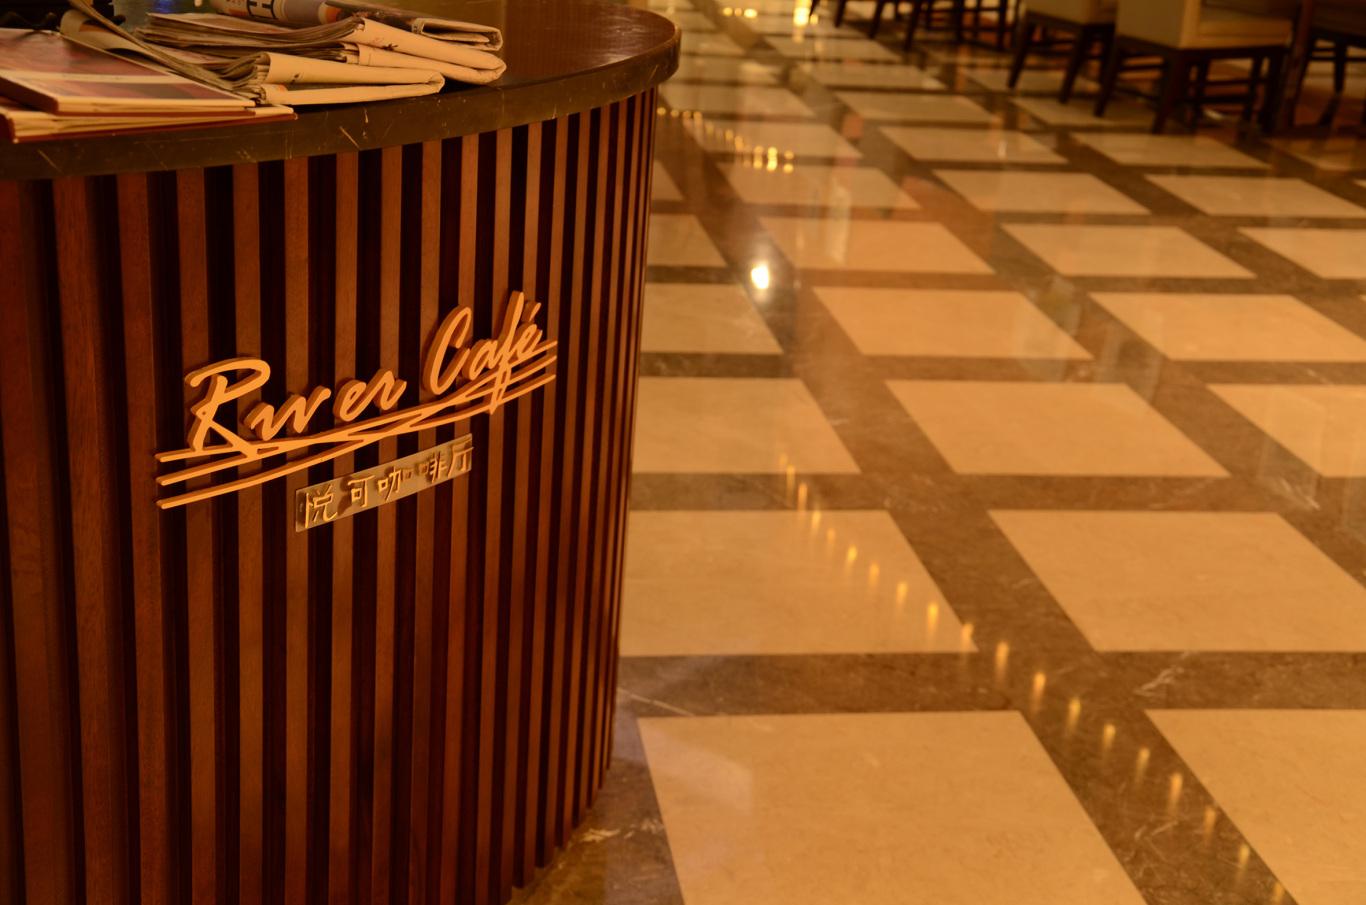 南京希尔顿酒店标识系统设计图15